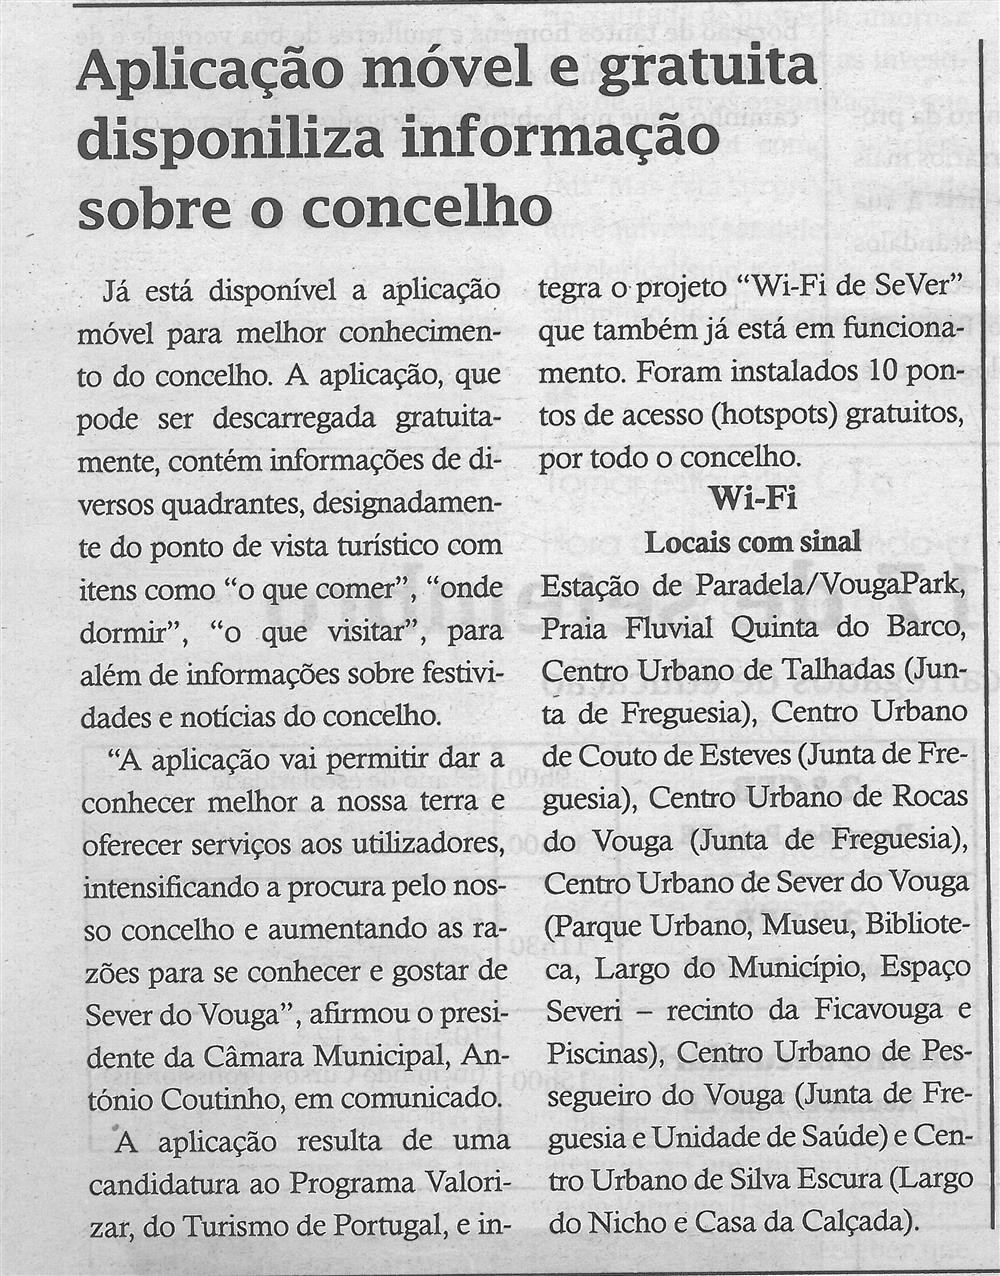 TV-set.'18-p.4-Aplicação móvel e gratuita disponibiliza informação sobre o concelho.jpg